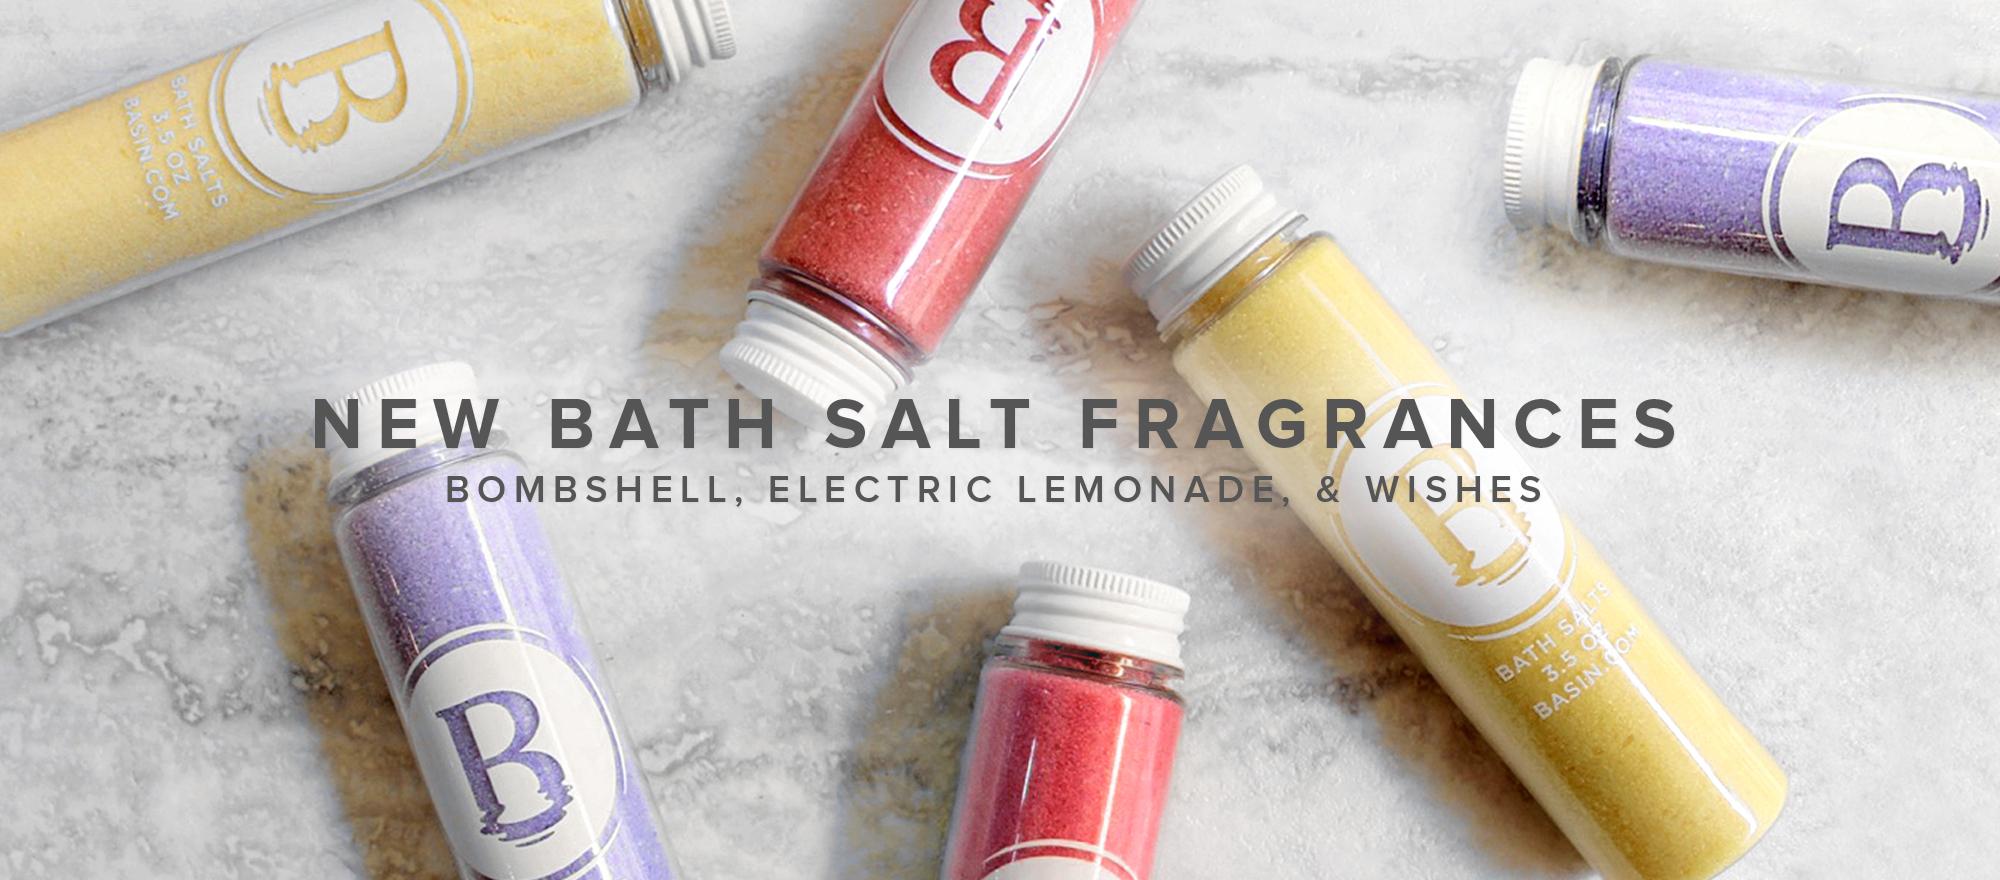 NEW Bath Salt Fragrances